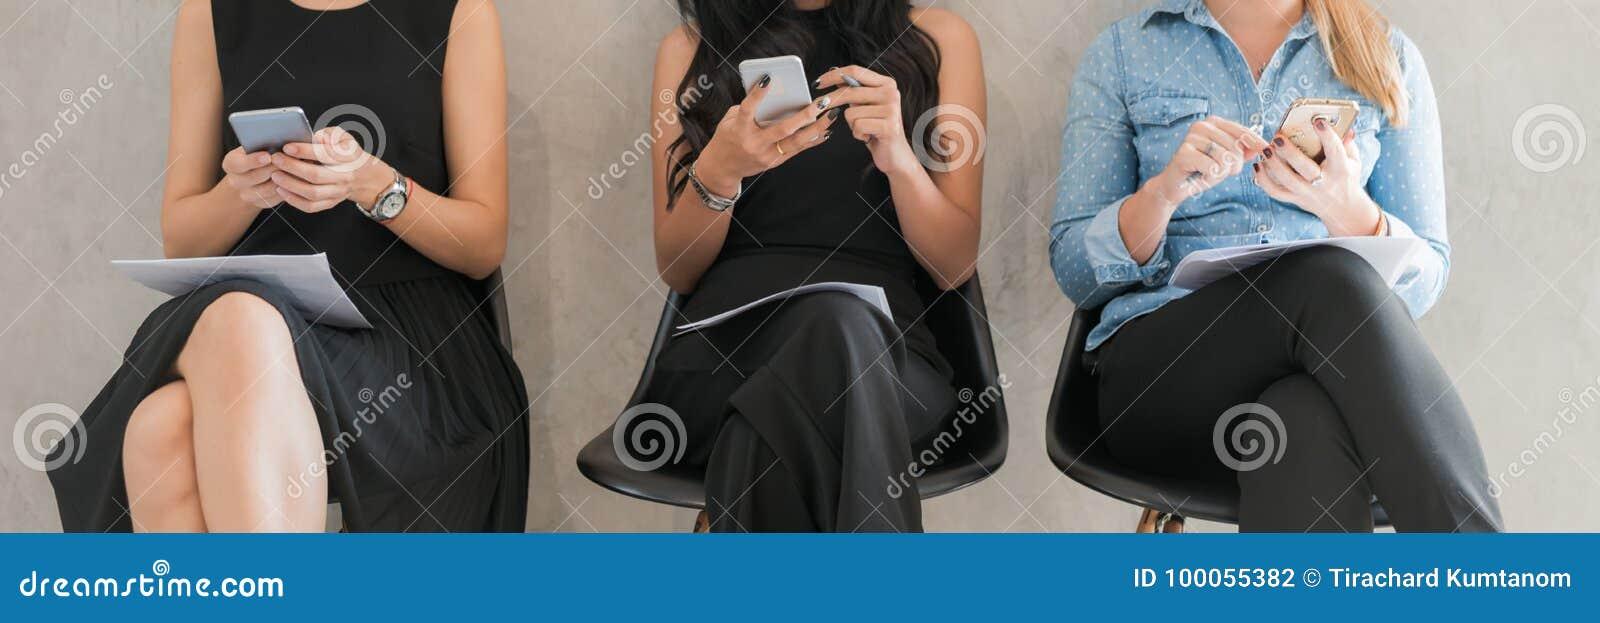 Vuxna Hipstersvänner för grupp som sitter Sofa Using Modern Gadgets Begrepp för teamwork för kamratskap för affärsstart